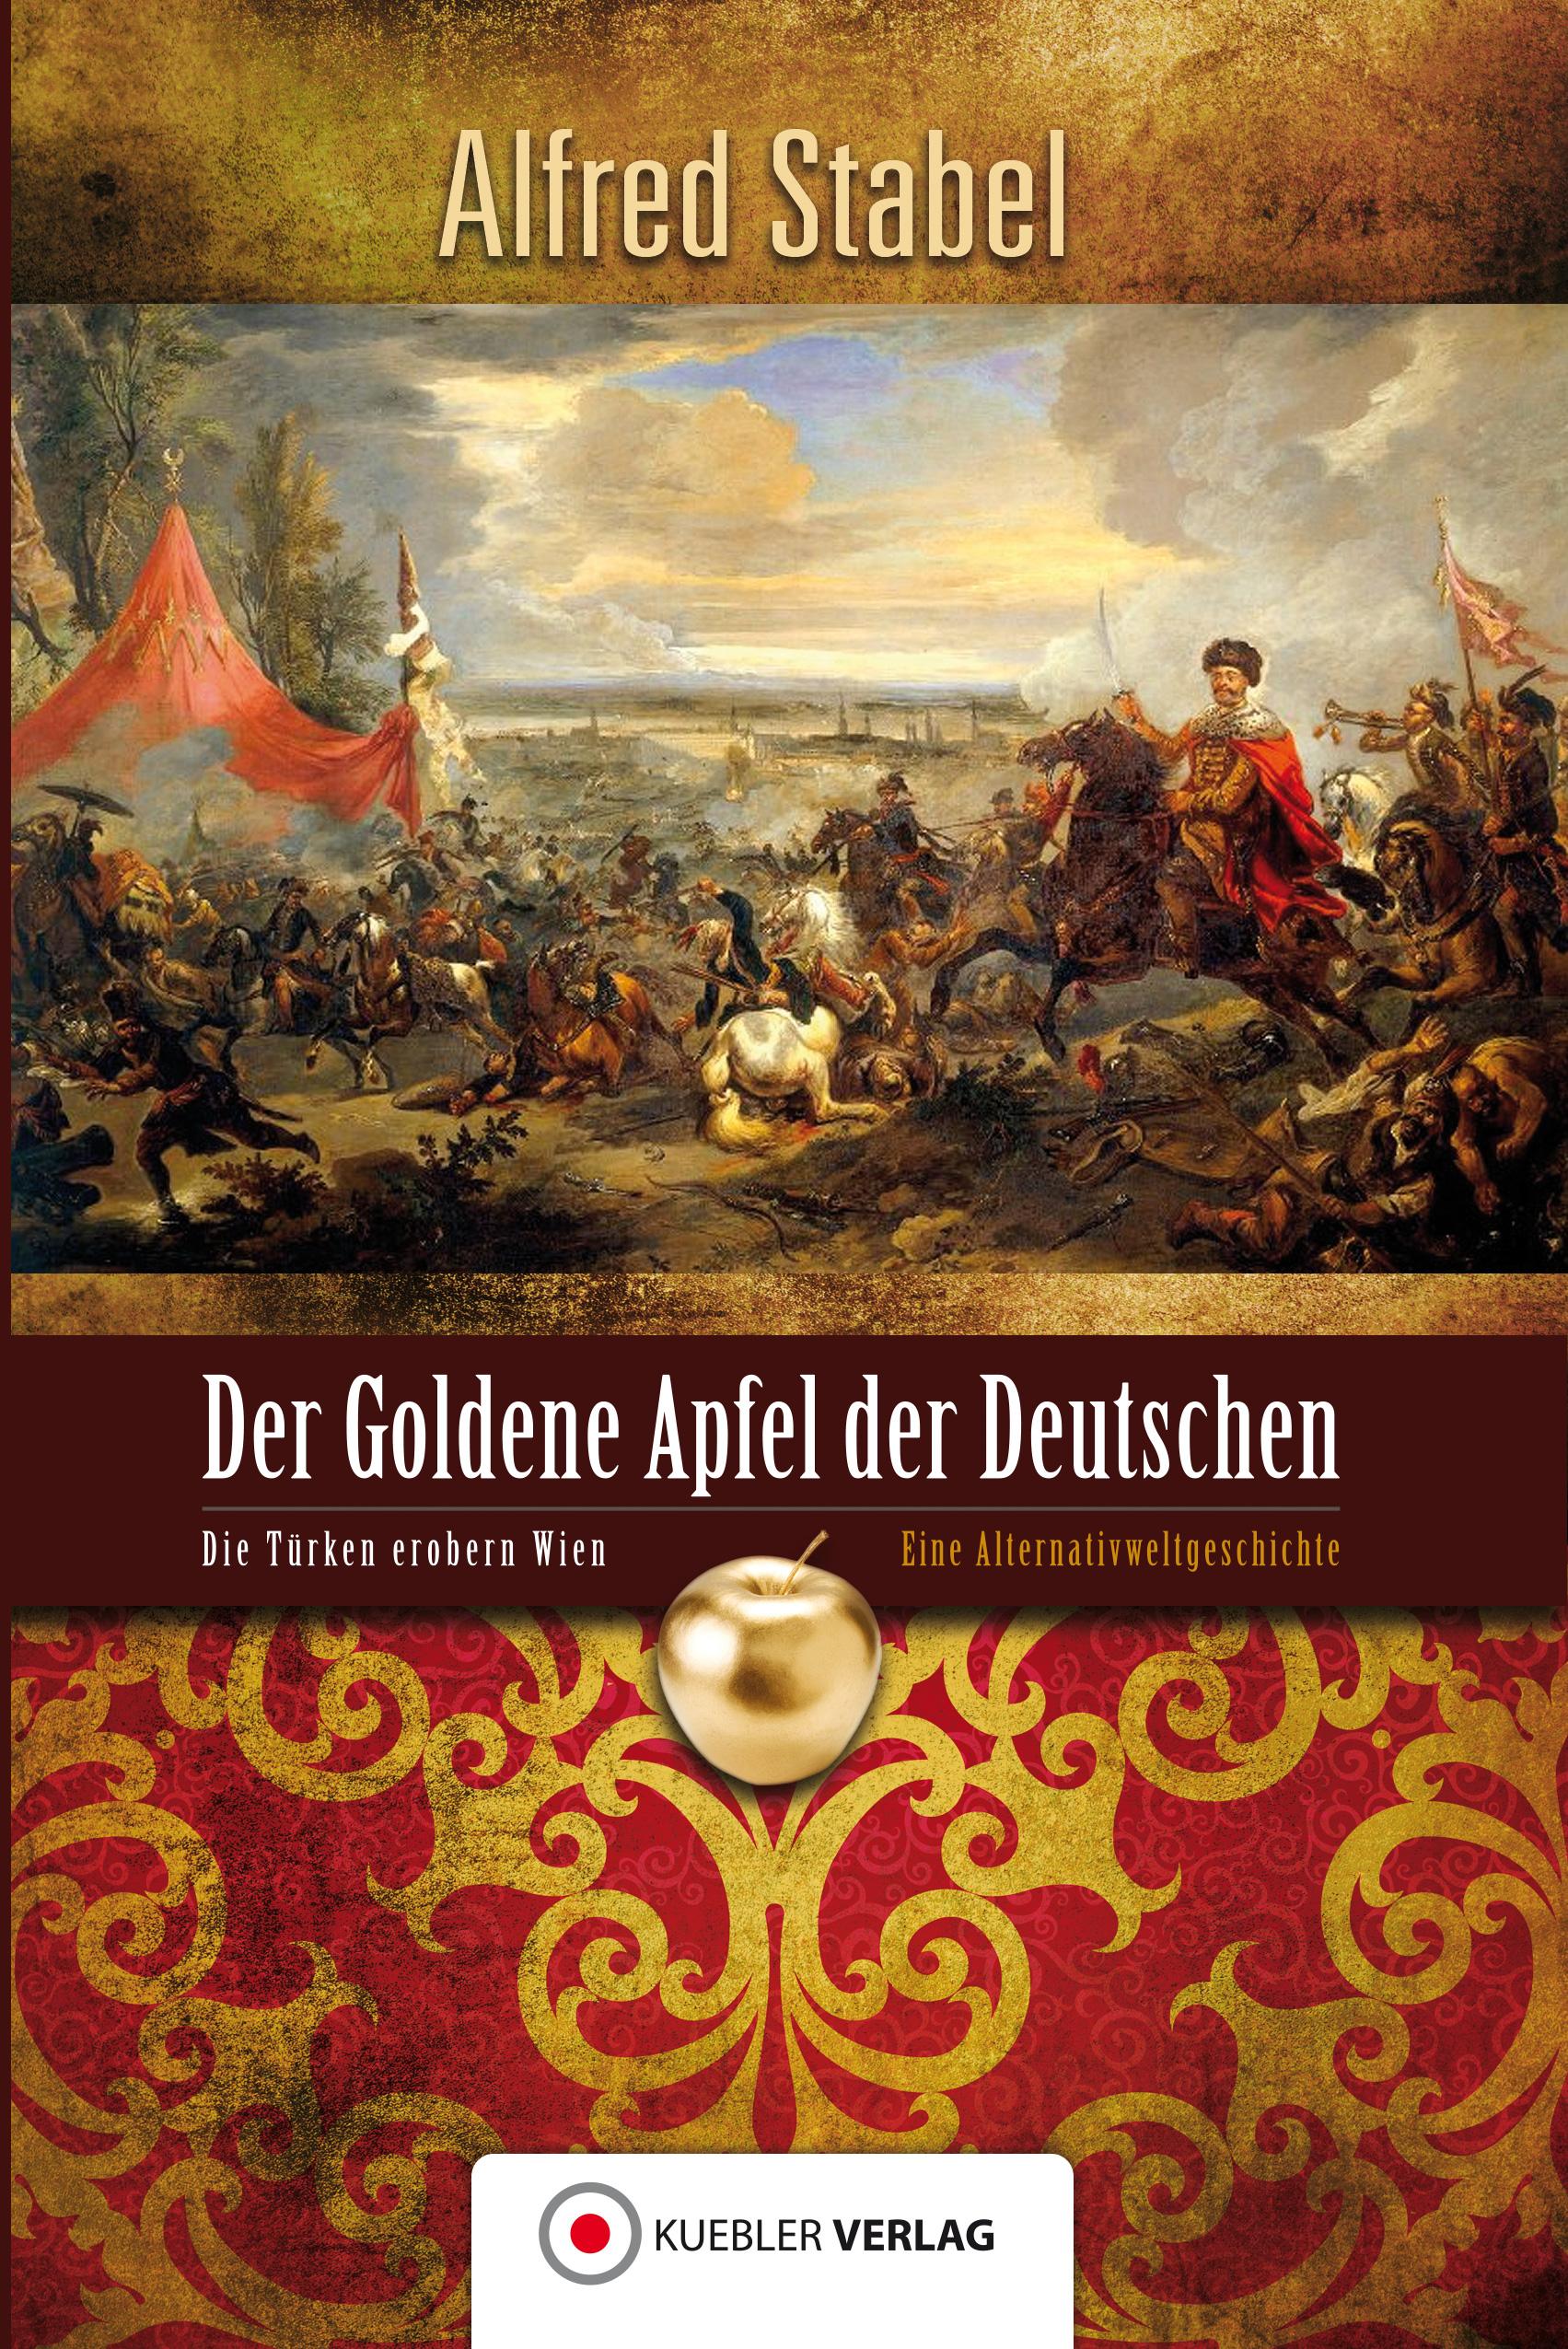 Alfred Stabel Der Goldene Apfel der Deutschen gersdorf ernst gotthelf repertorium der gesammten deutschen literatur volume 34 german edition